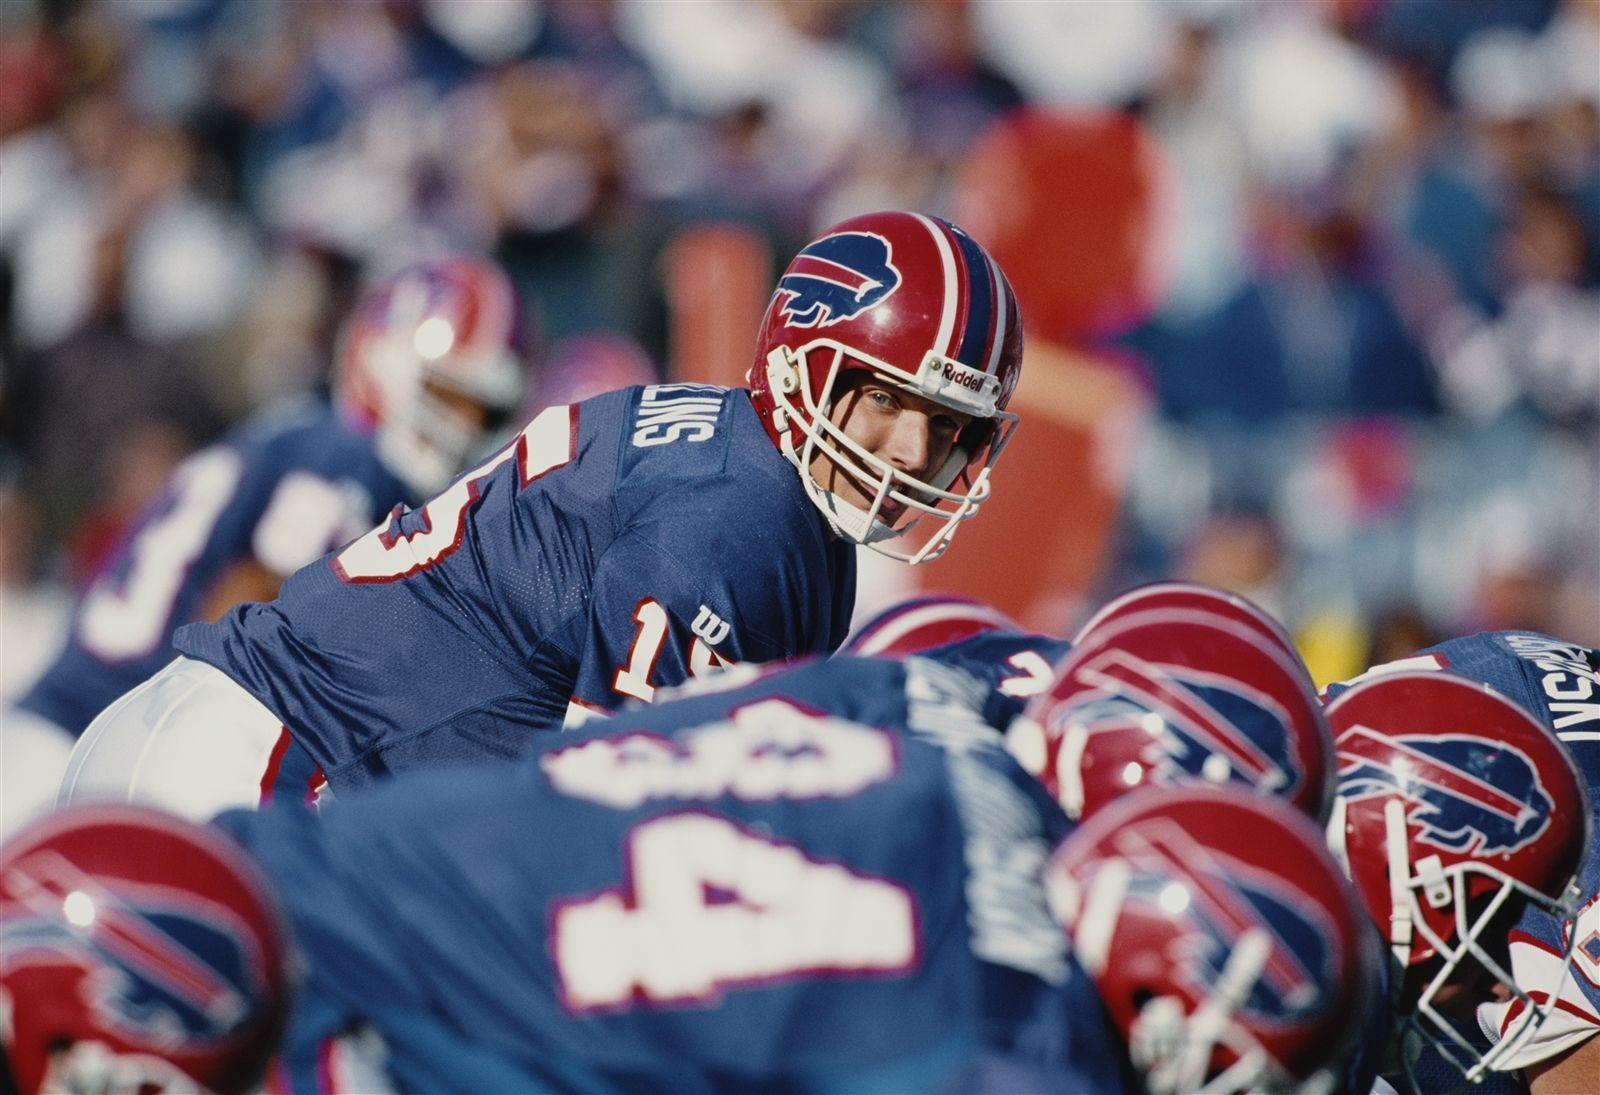 Todd Collins, 1995-97: 28 games, 17 starts (7-10) ... 54.7 comp. pct. ... 3,218 yards (6.2 per att.) ... 16 TDs ... 19 INTs.